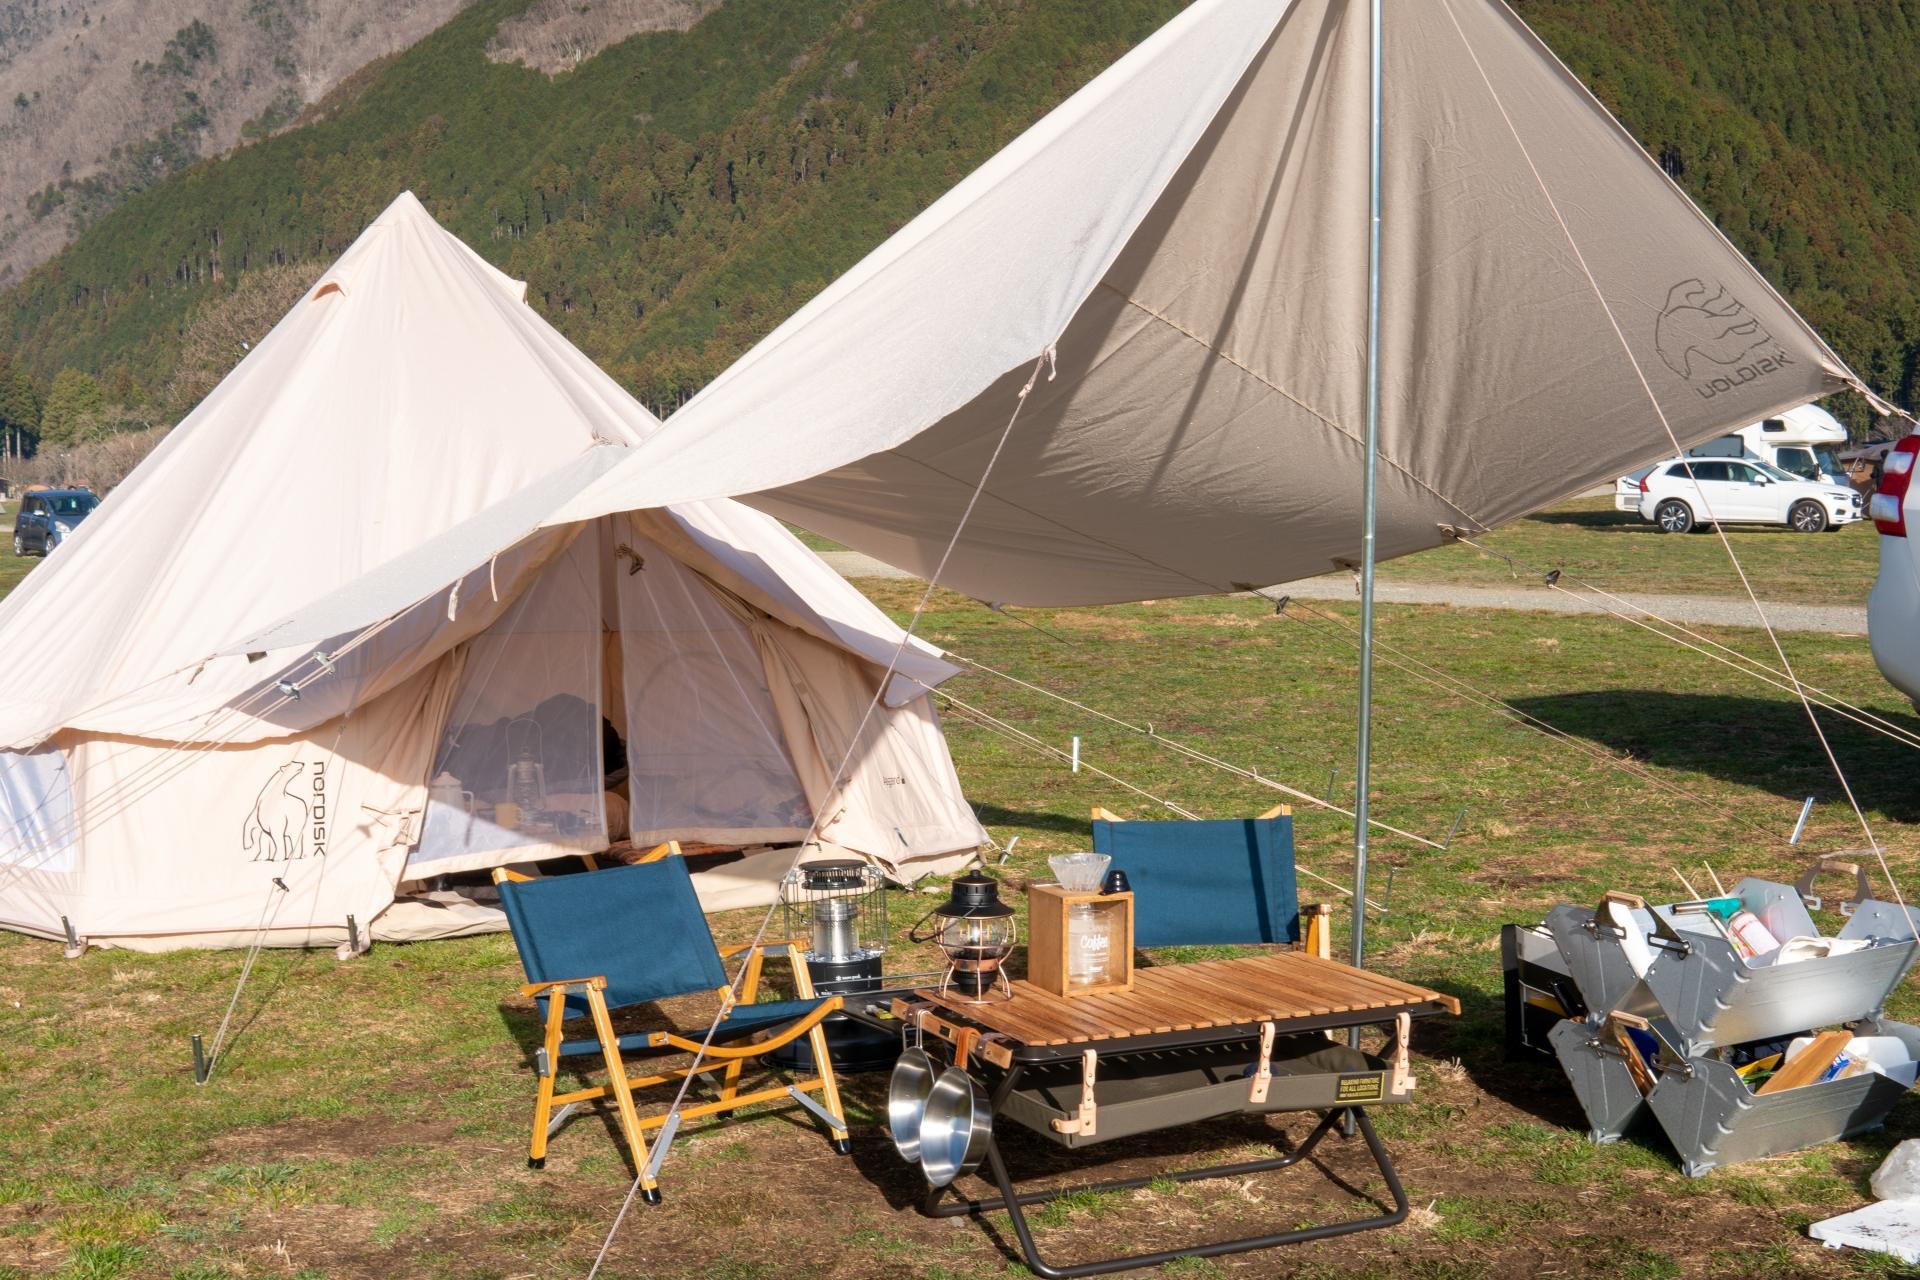 初心者でも安心「フォレストパークあだたら」で快適にファミリーキャンプを楽しもう!